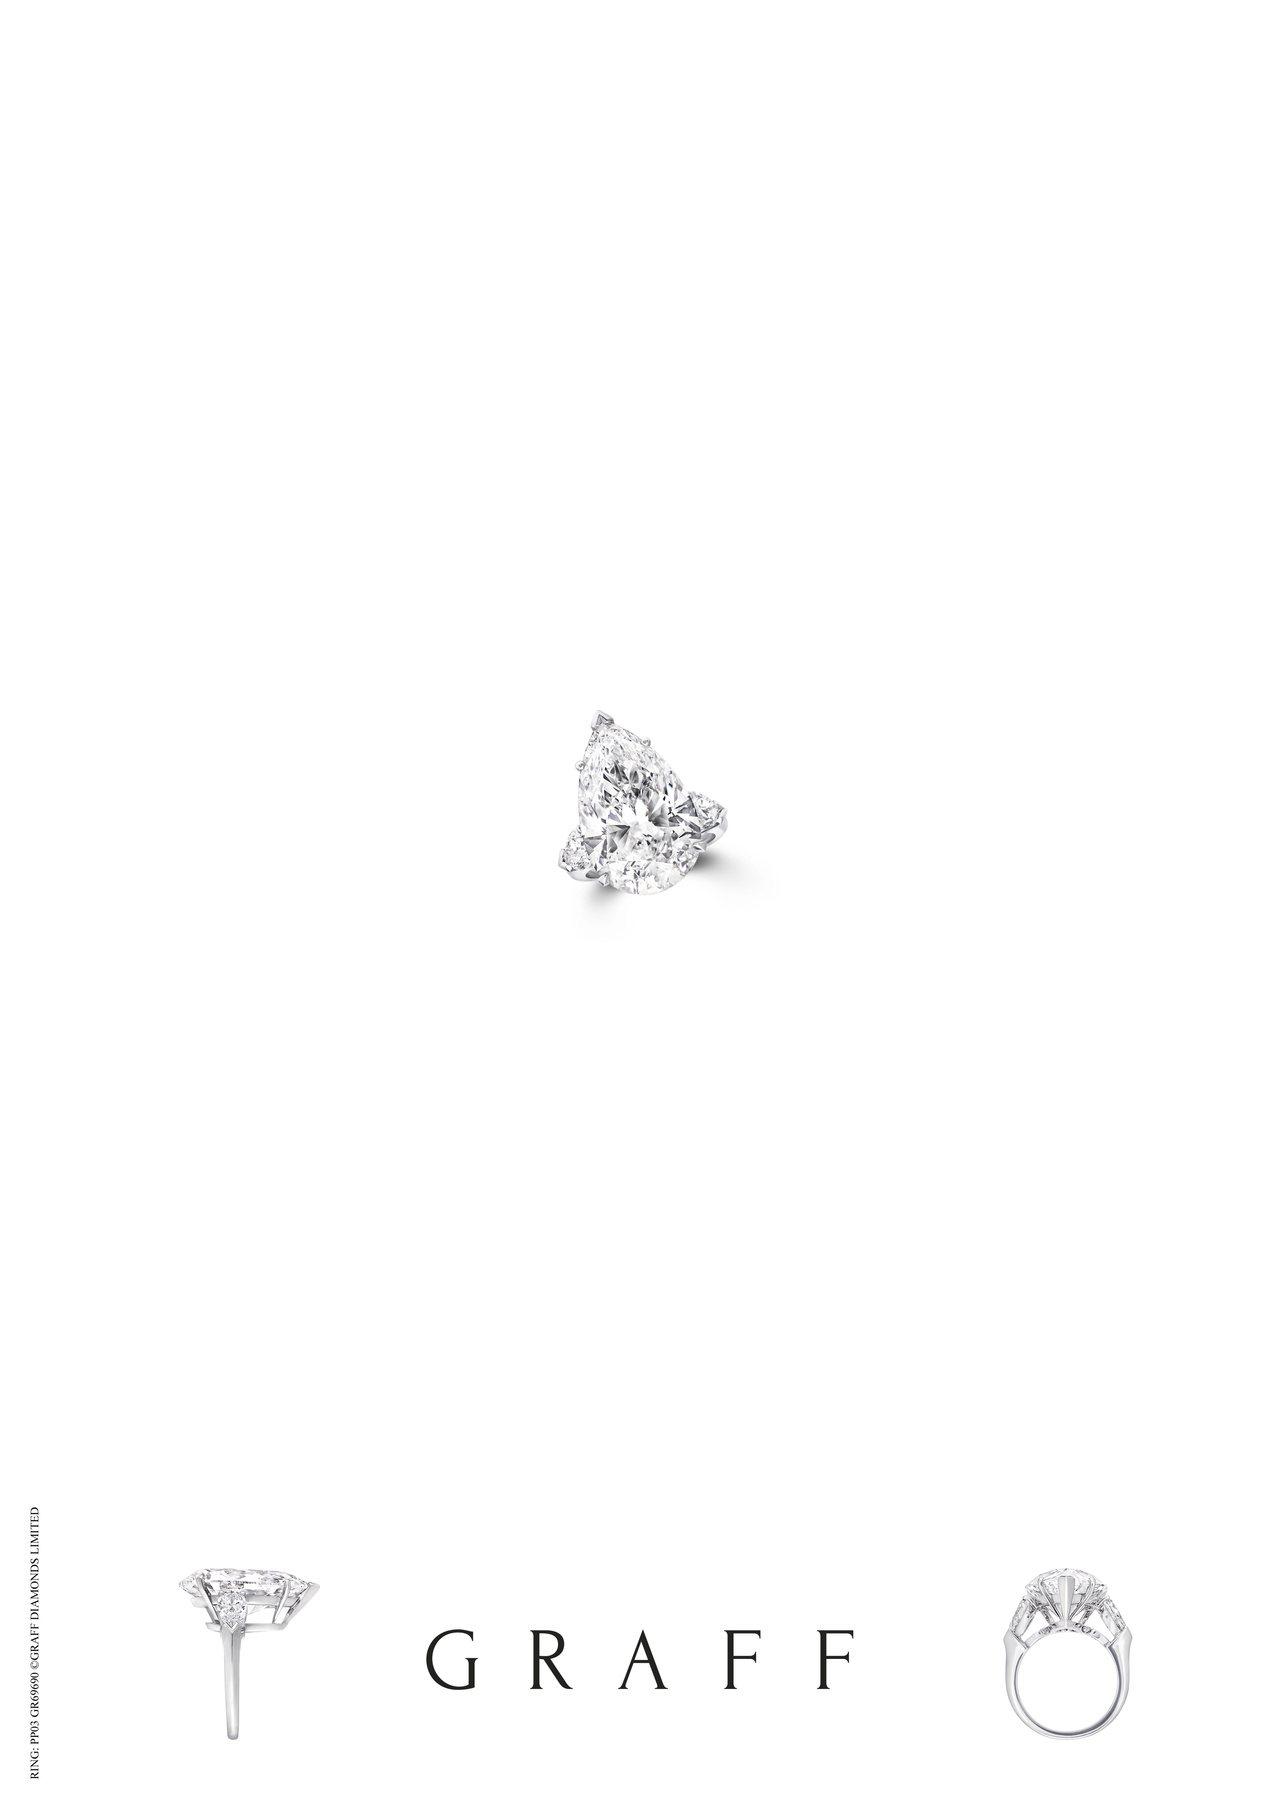 格拉夫15.07克拉梨形鑽石戒指。圖/格拉夫提供